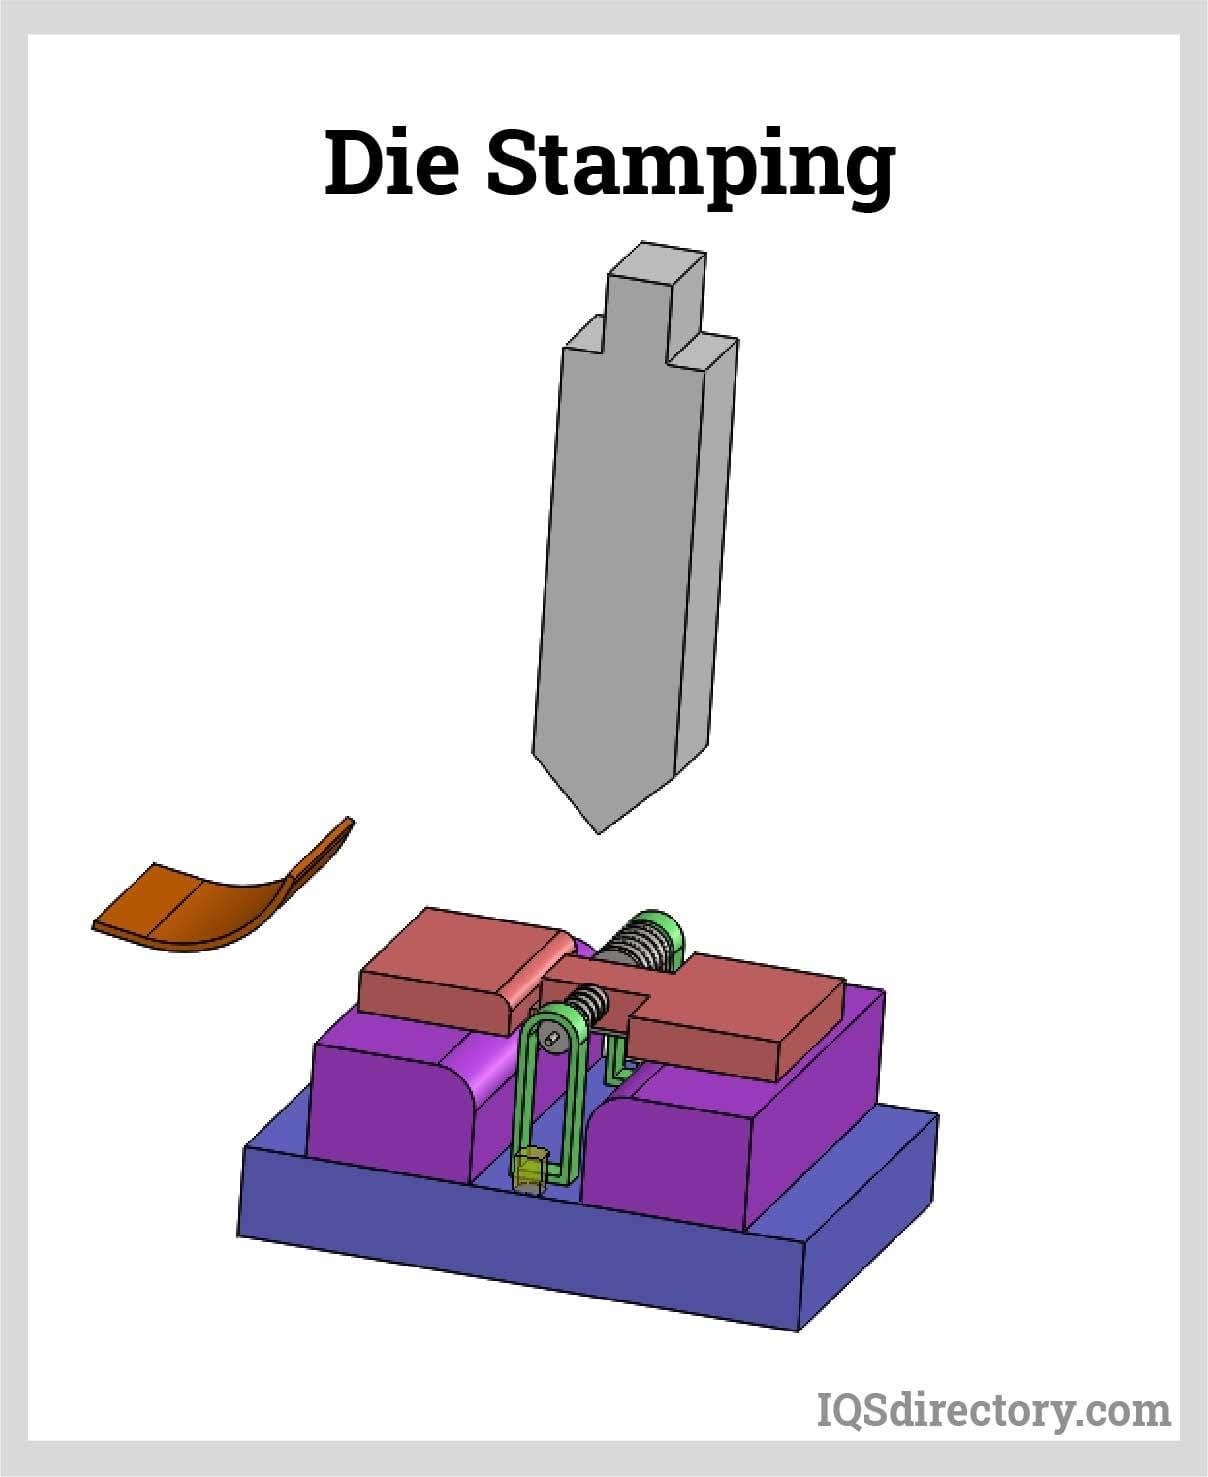 Die Stamping